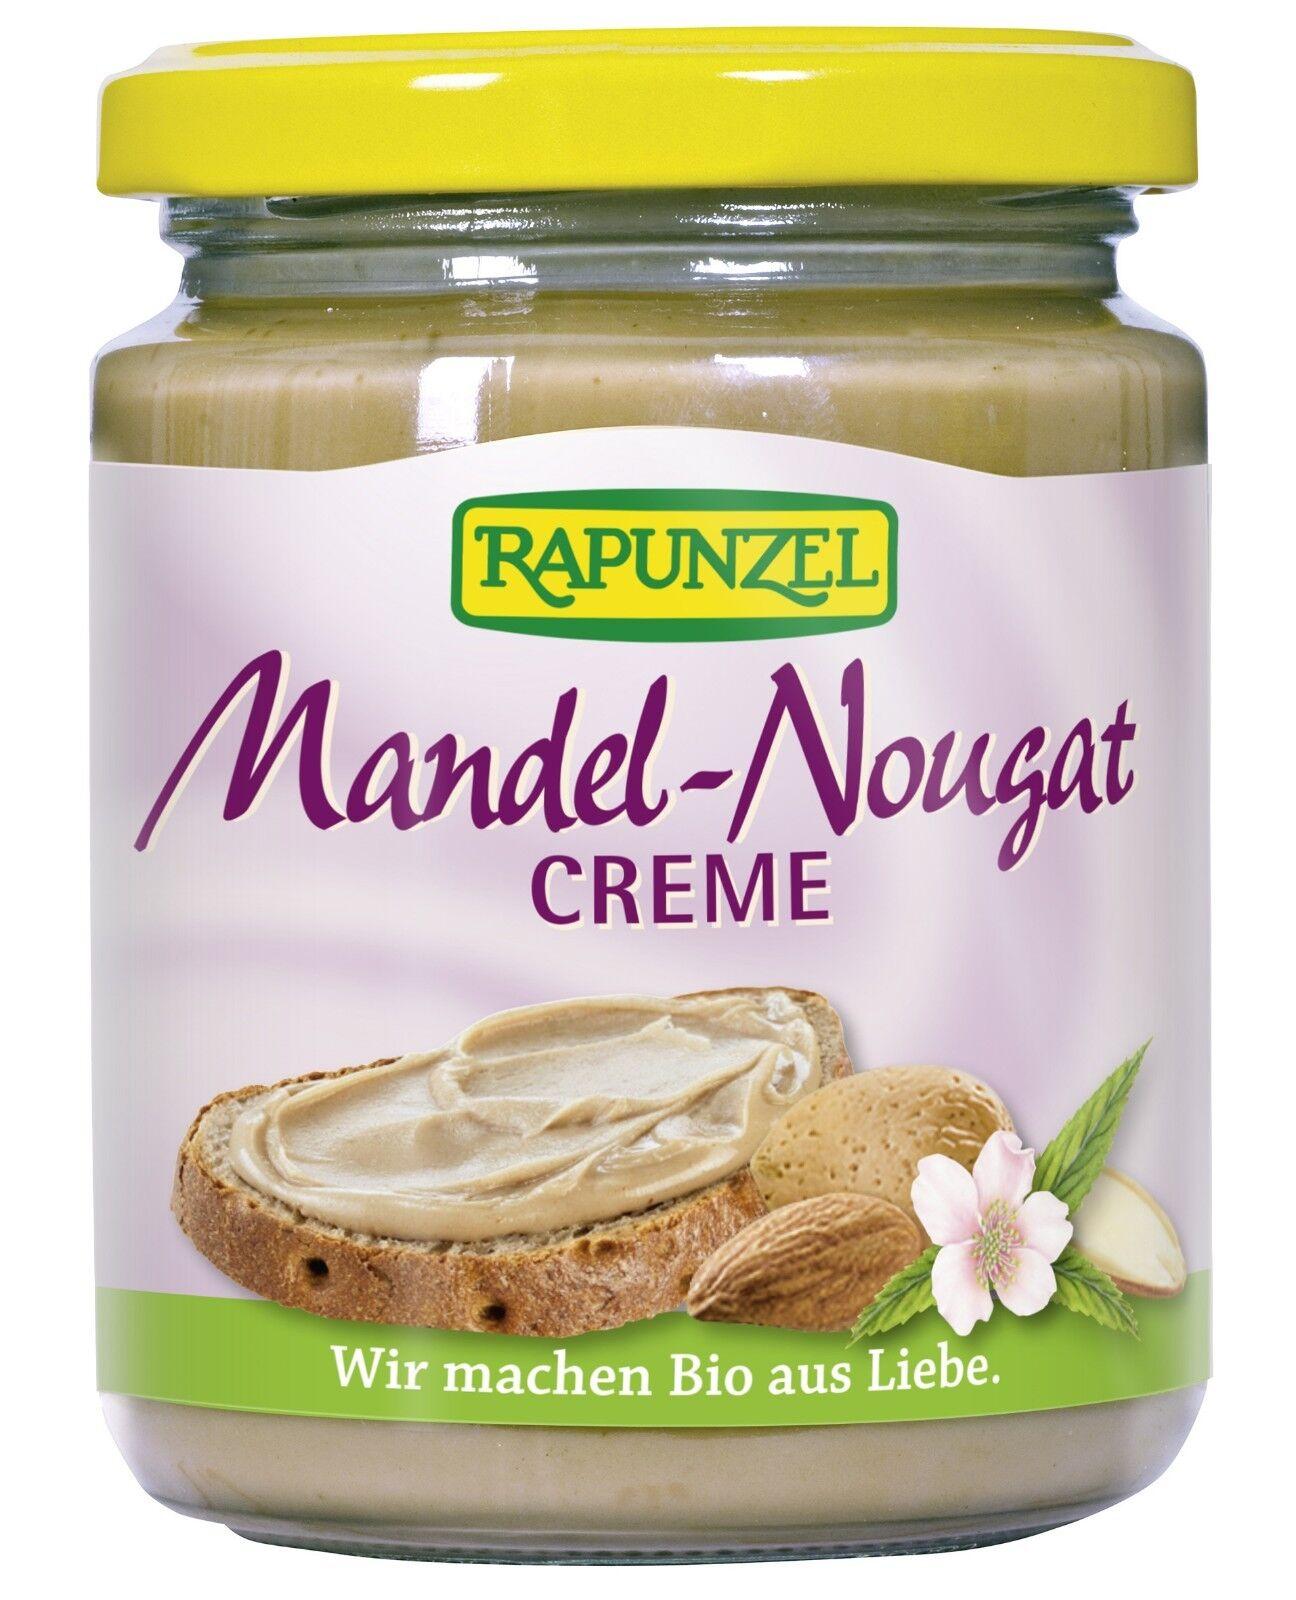 RAPUNZEL Mandel-Nougat-Creme, 250g BIO aus Liebe  (MHD beachten)